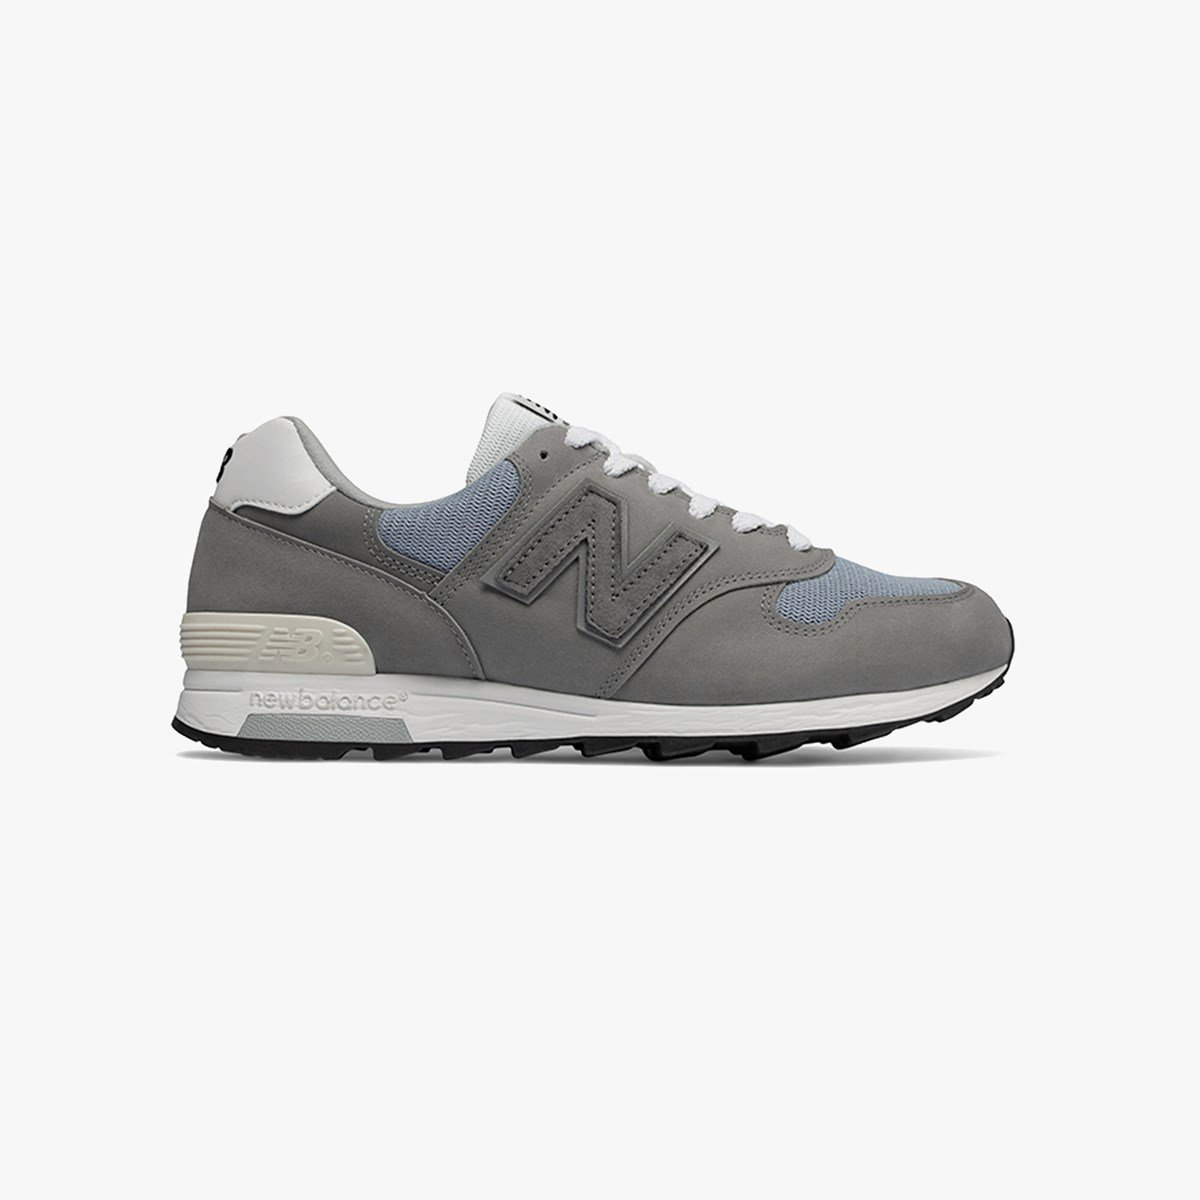 New Balance M1400 - M1400wa - SNS   sneakers & streetwear online since 1999